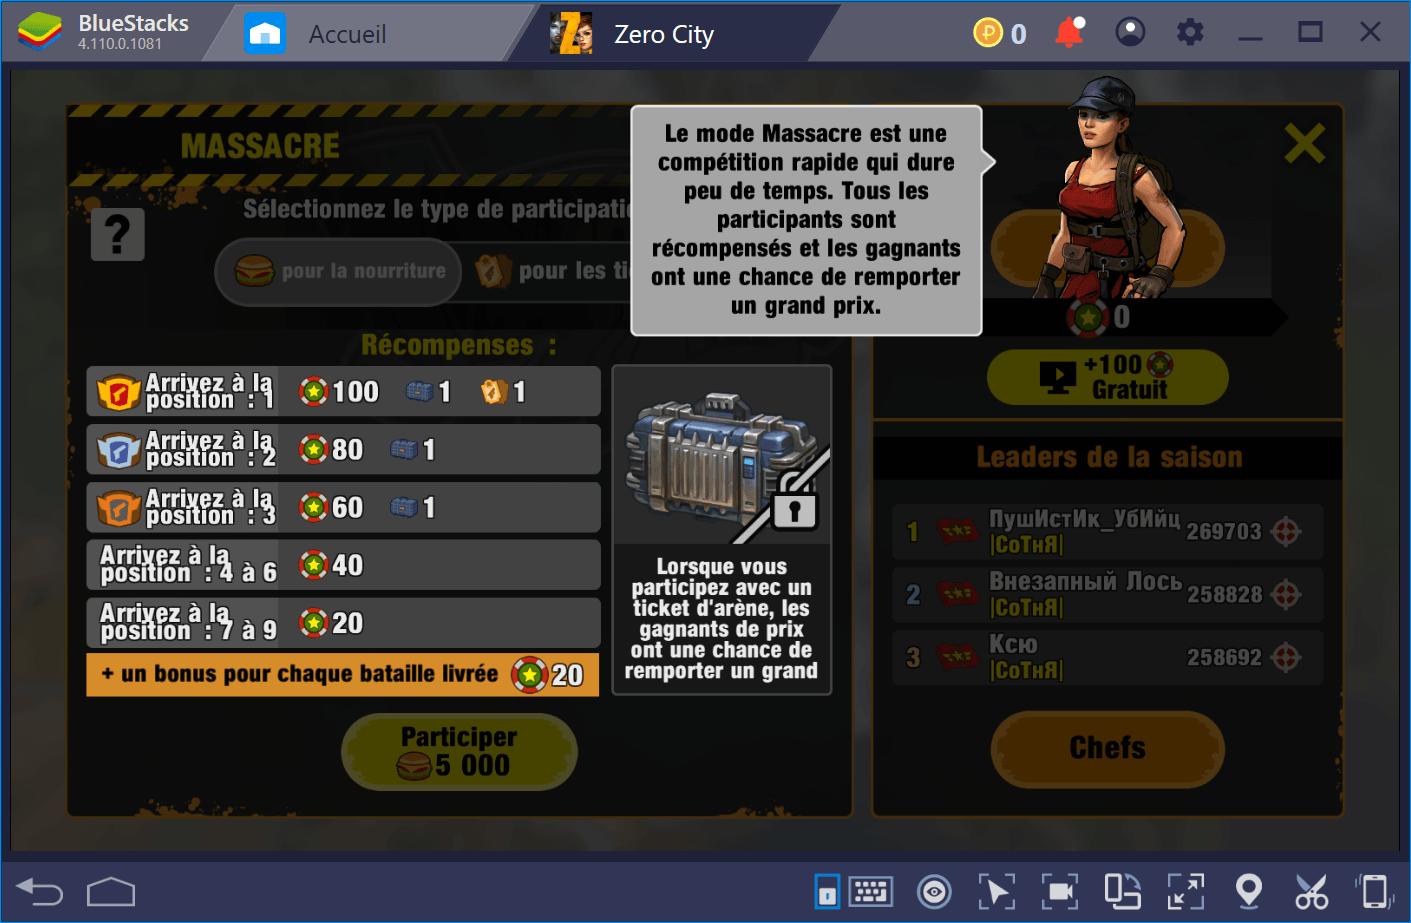 Construisez l'abri ultime et combattez la horde de zombies dans Zero City